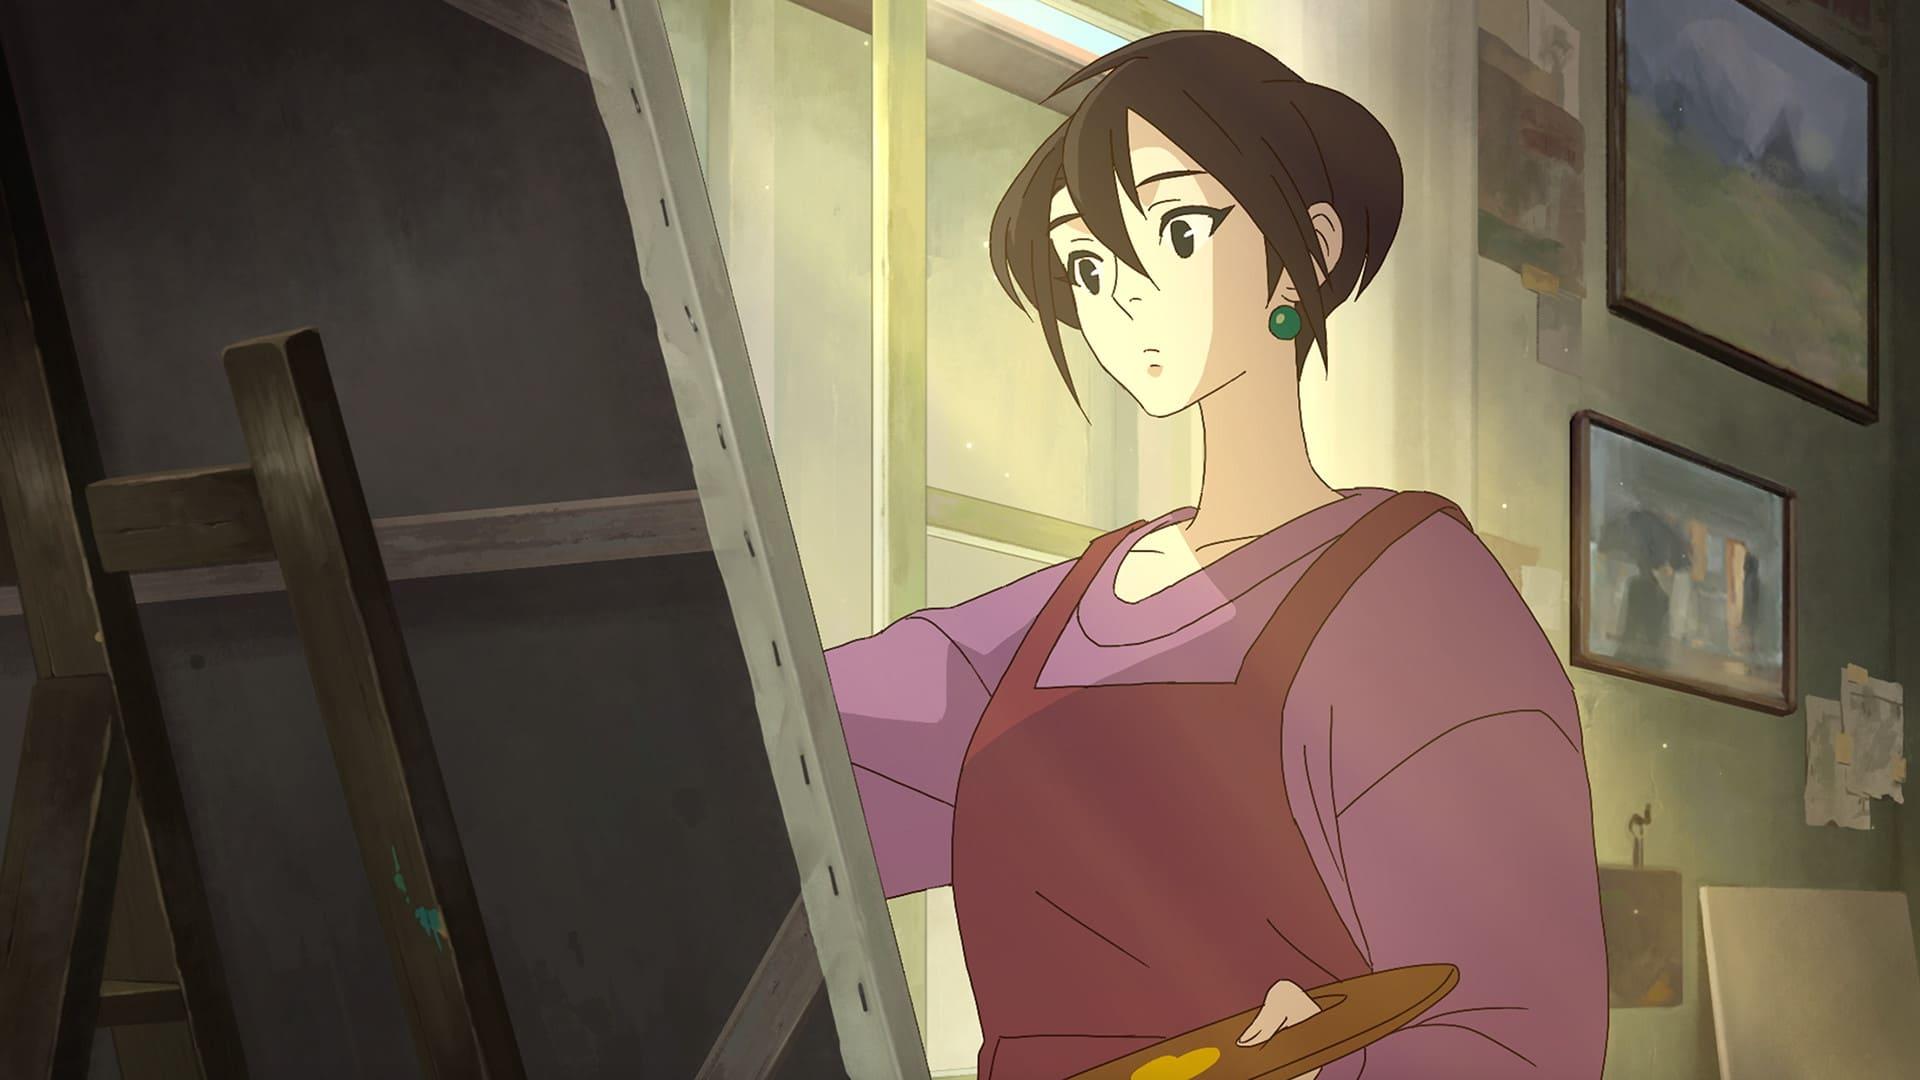 吉卜力风格互动小说《倾听画语》即将登陆Steam 用画笔感受人生